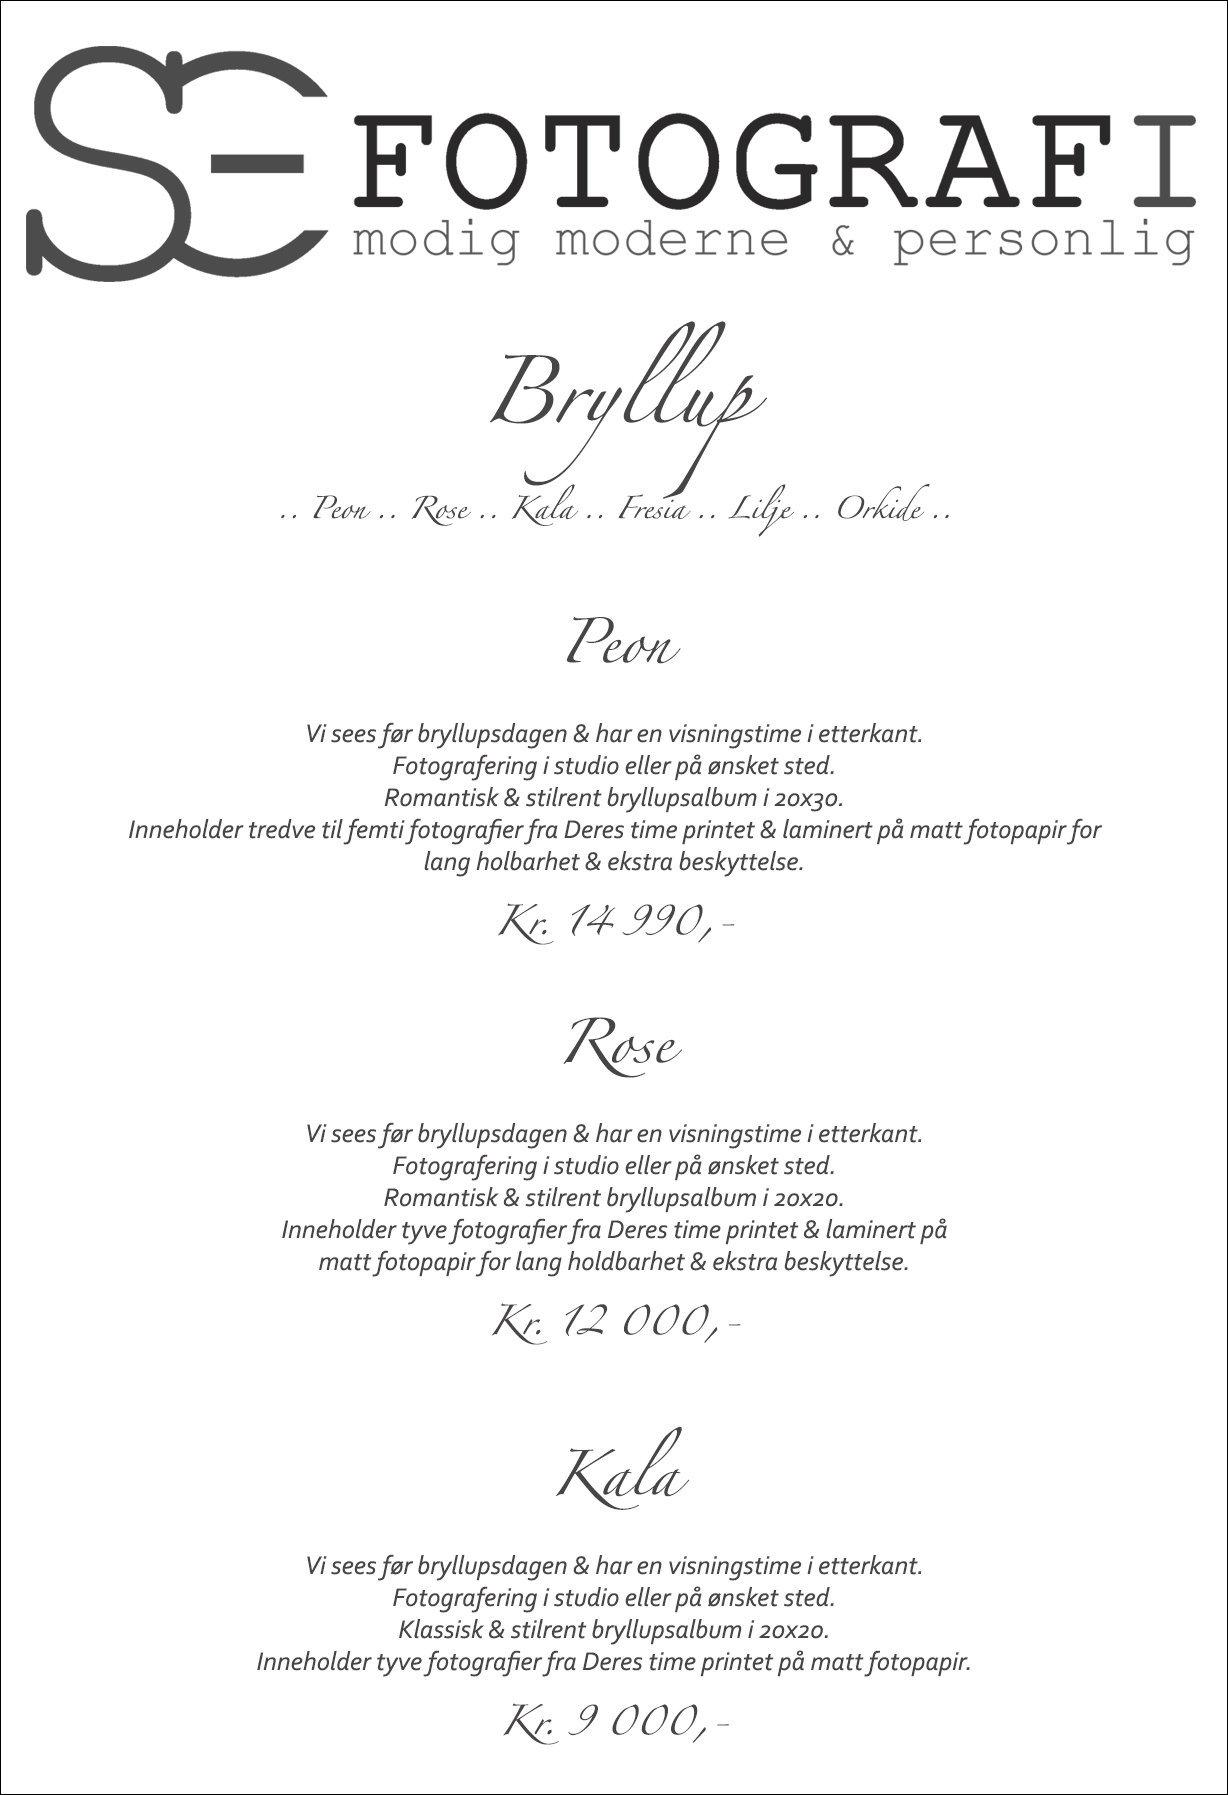 PRISLISTE-Bryllup-SE-Fotografi.jpg